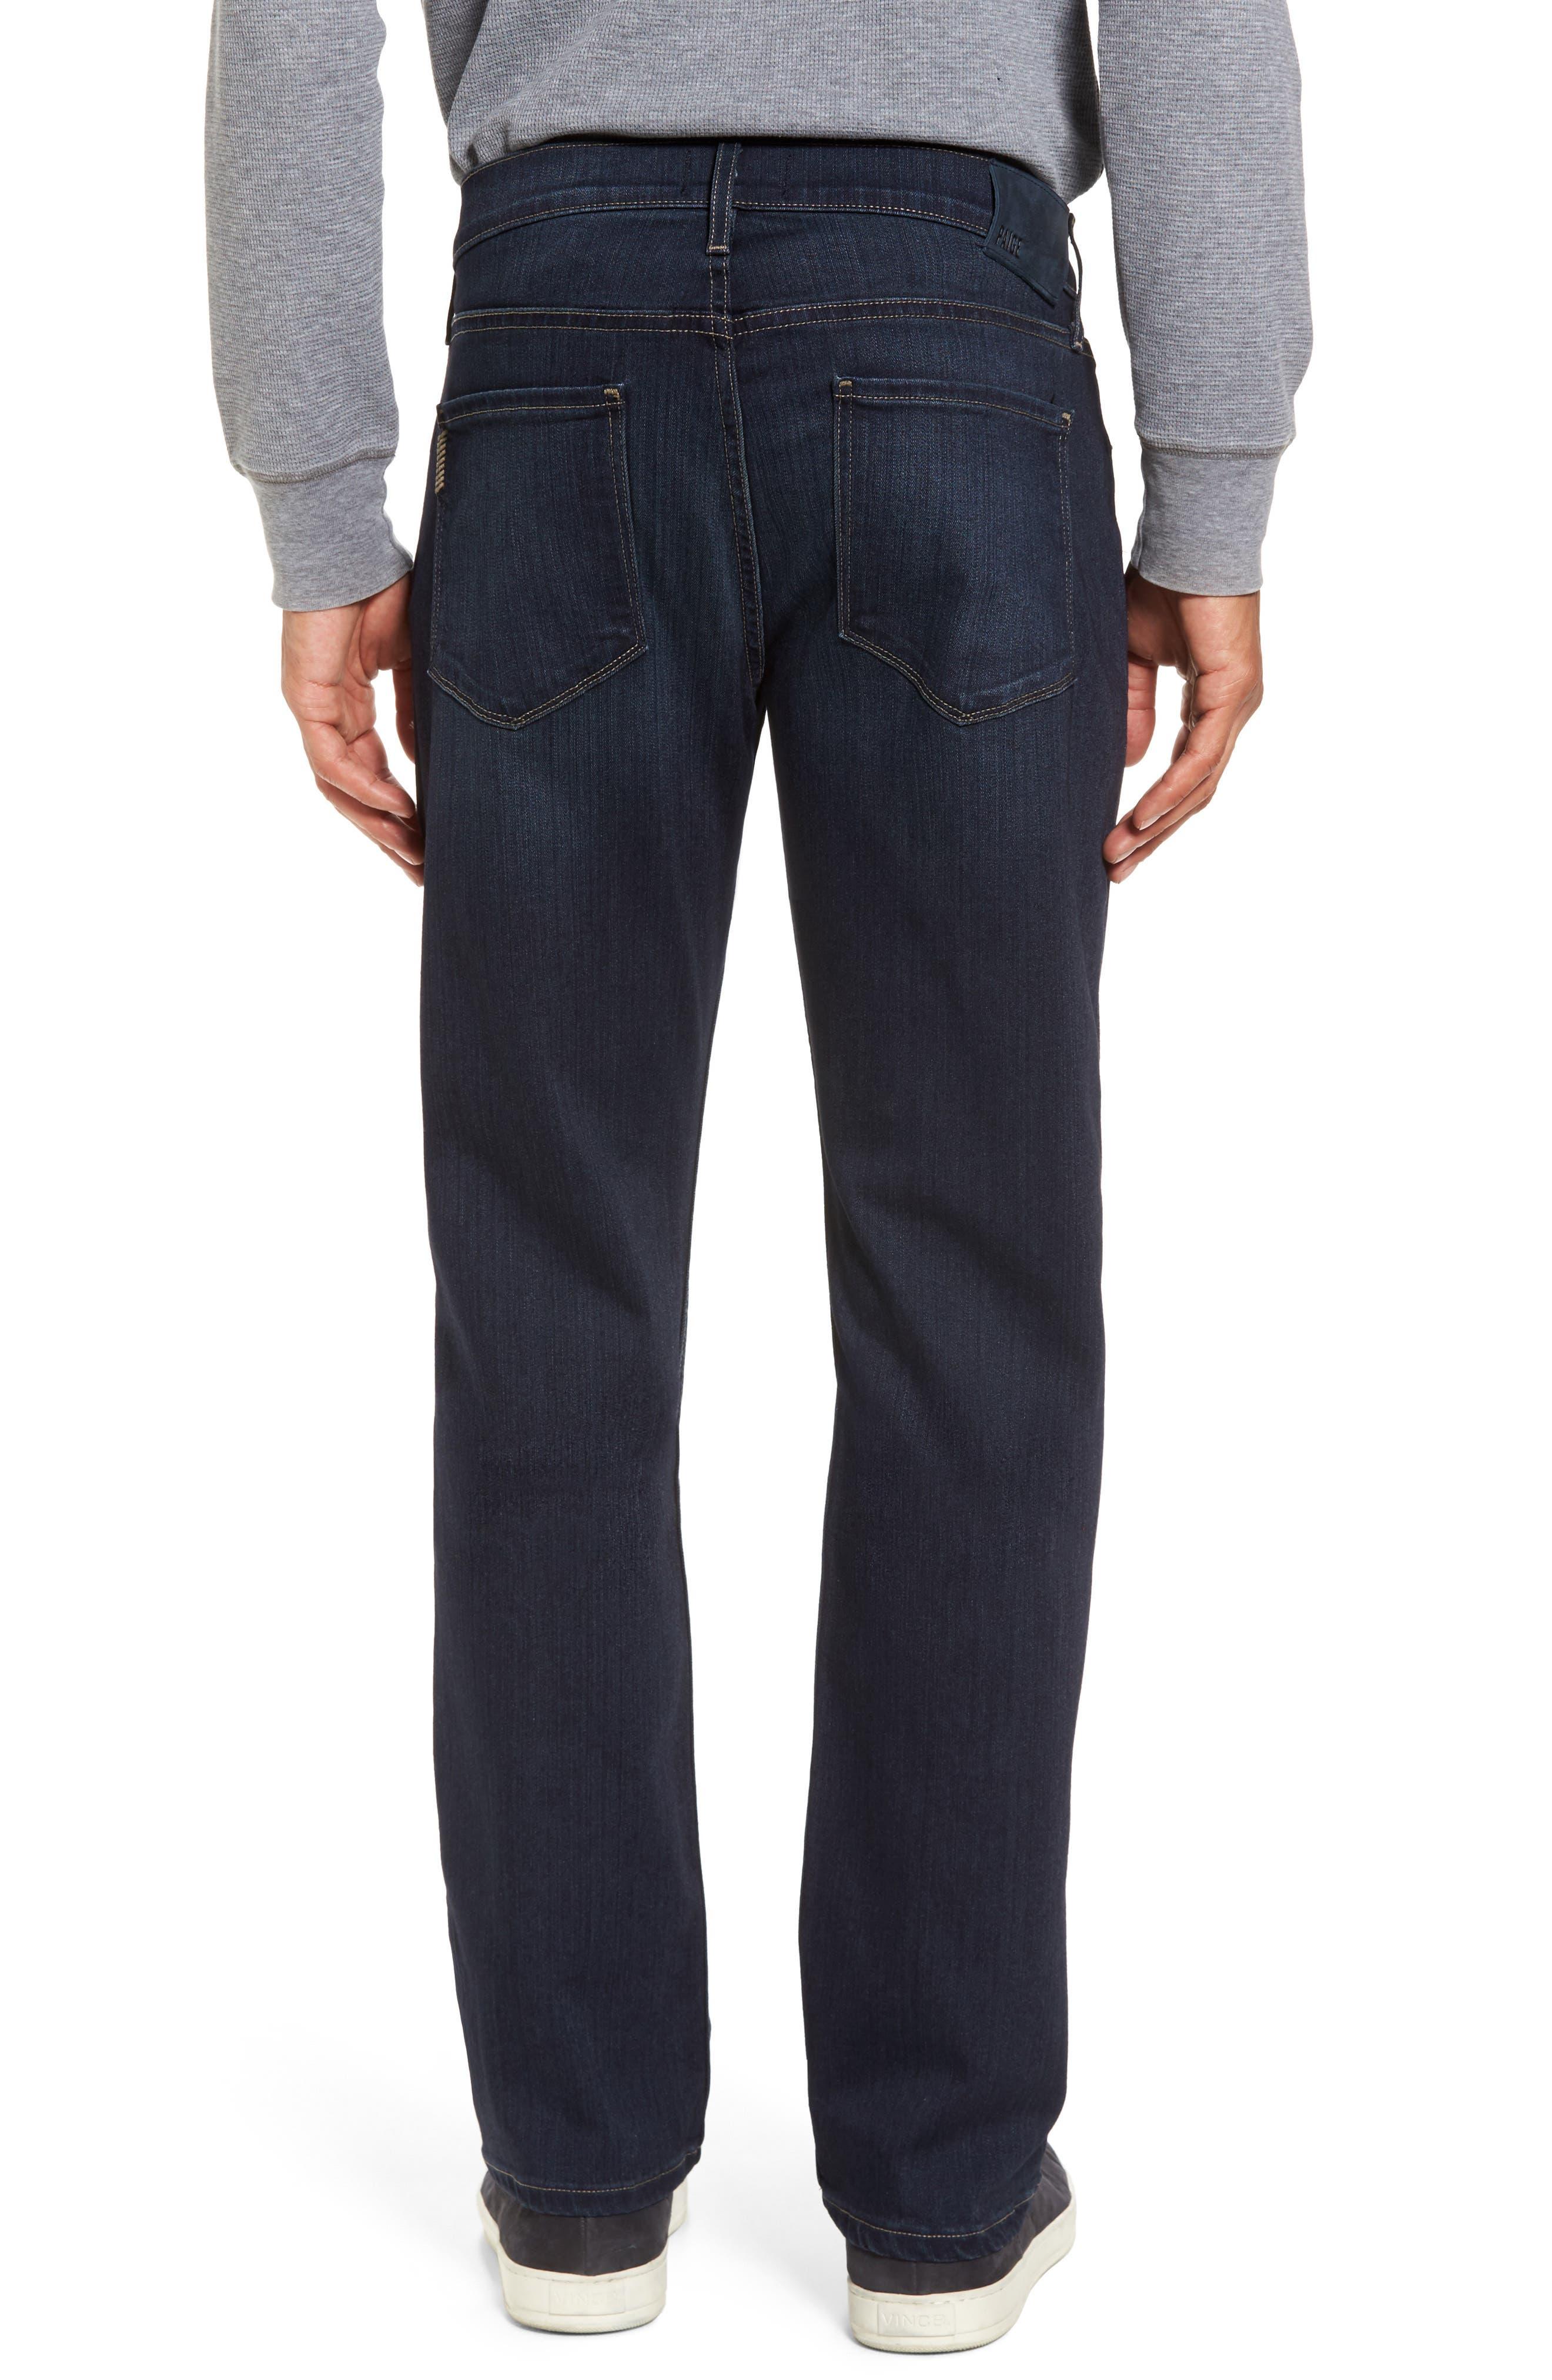 Transcend - Normandie Straight Fit Jeans,                             Alternate thumbnail 2, color,                             Barrington